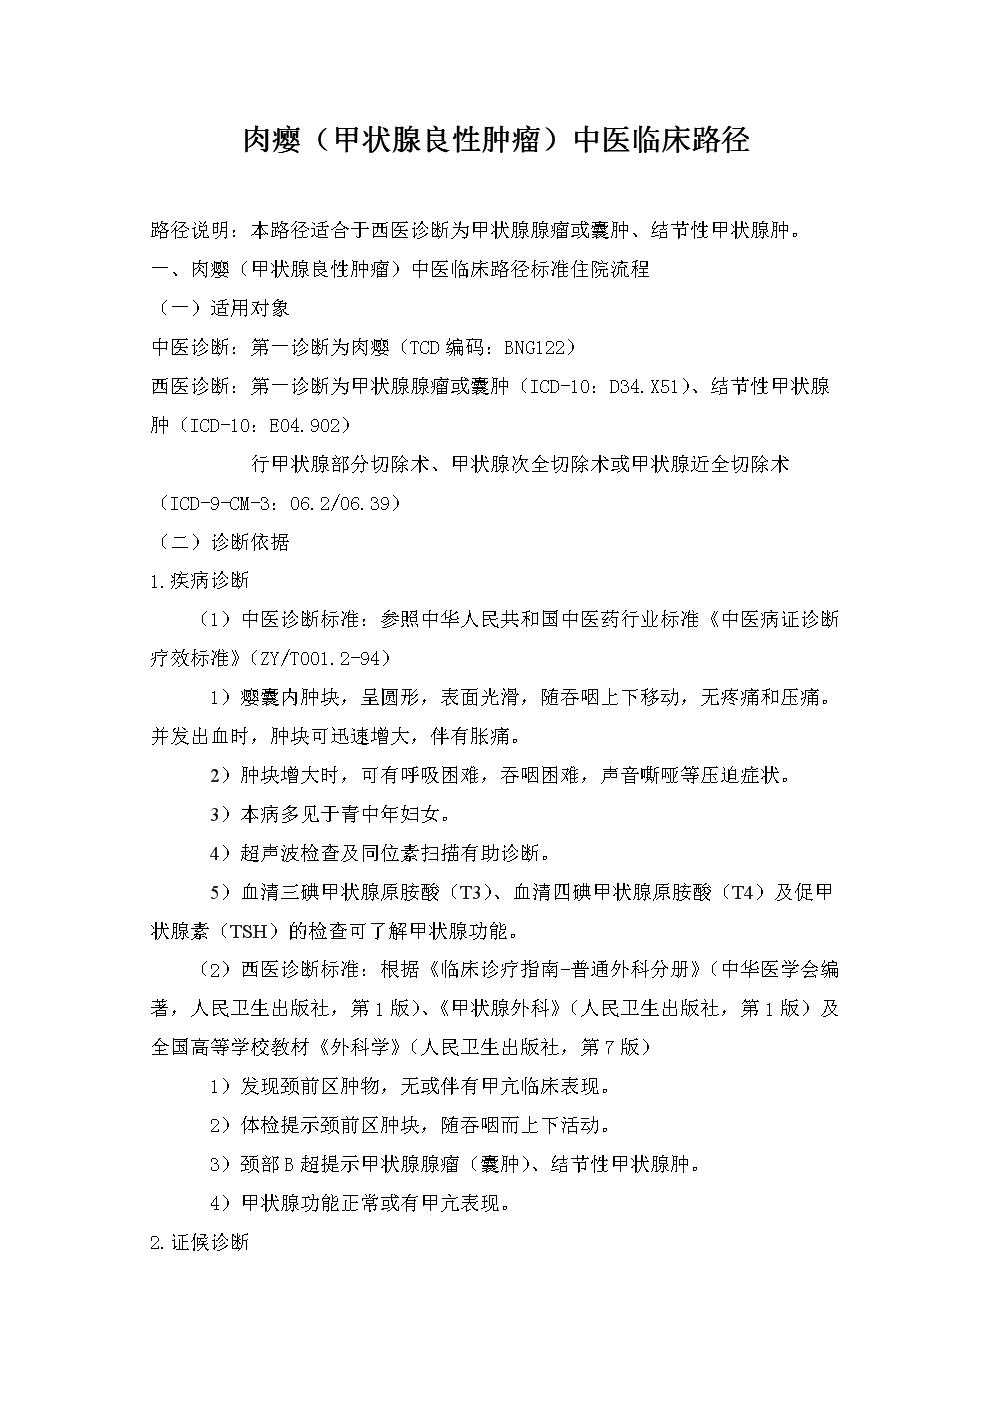 肉瘿中医临床路径创新.doc免费全文阅读